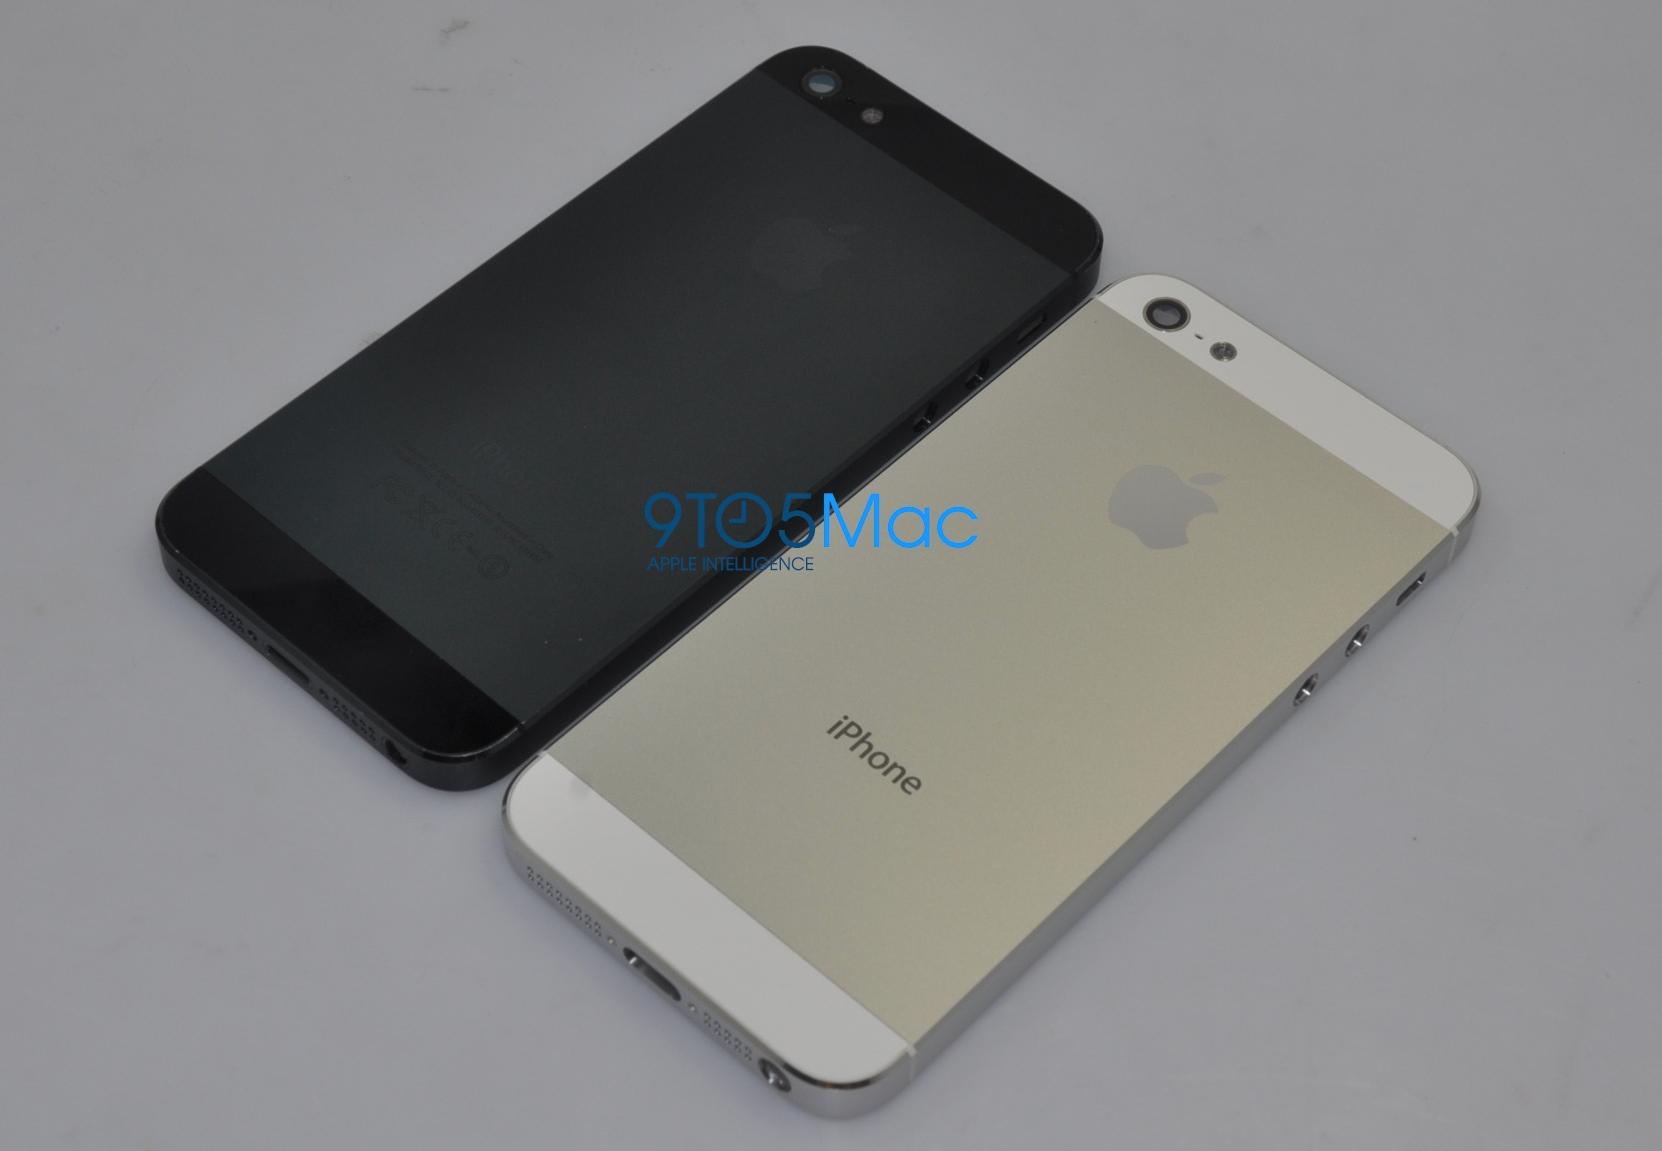 Bilder vom neuen iPhone aufgetaucht-9to5macblackandwhite.png